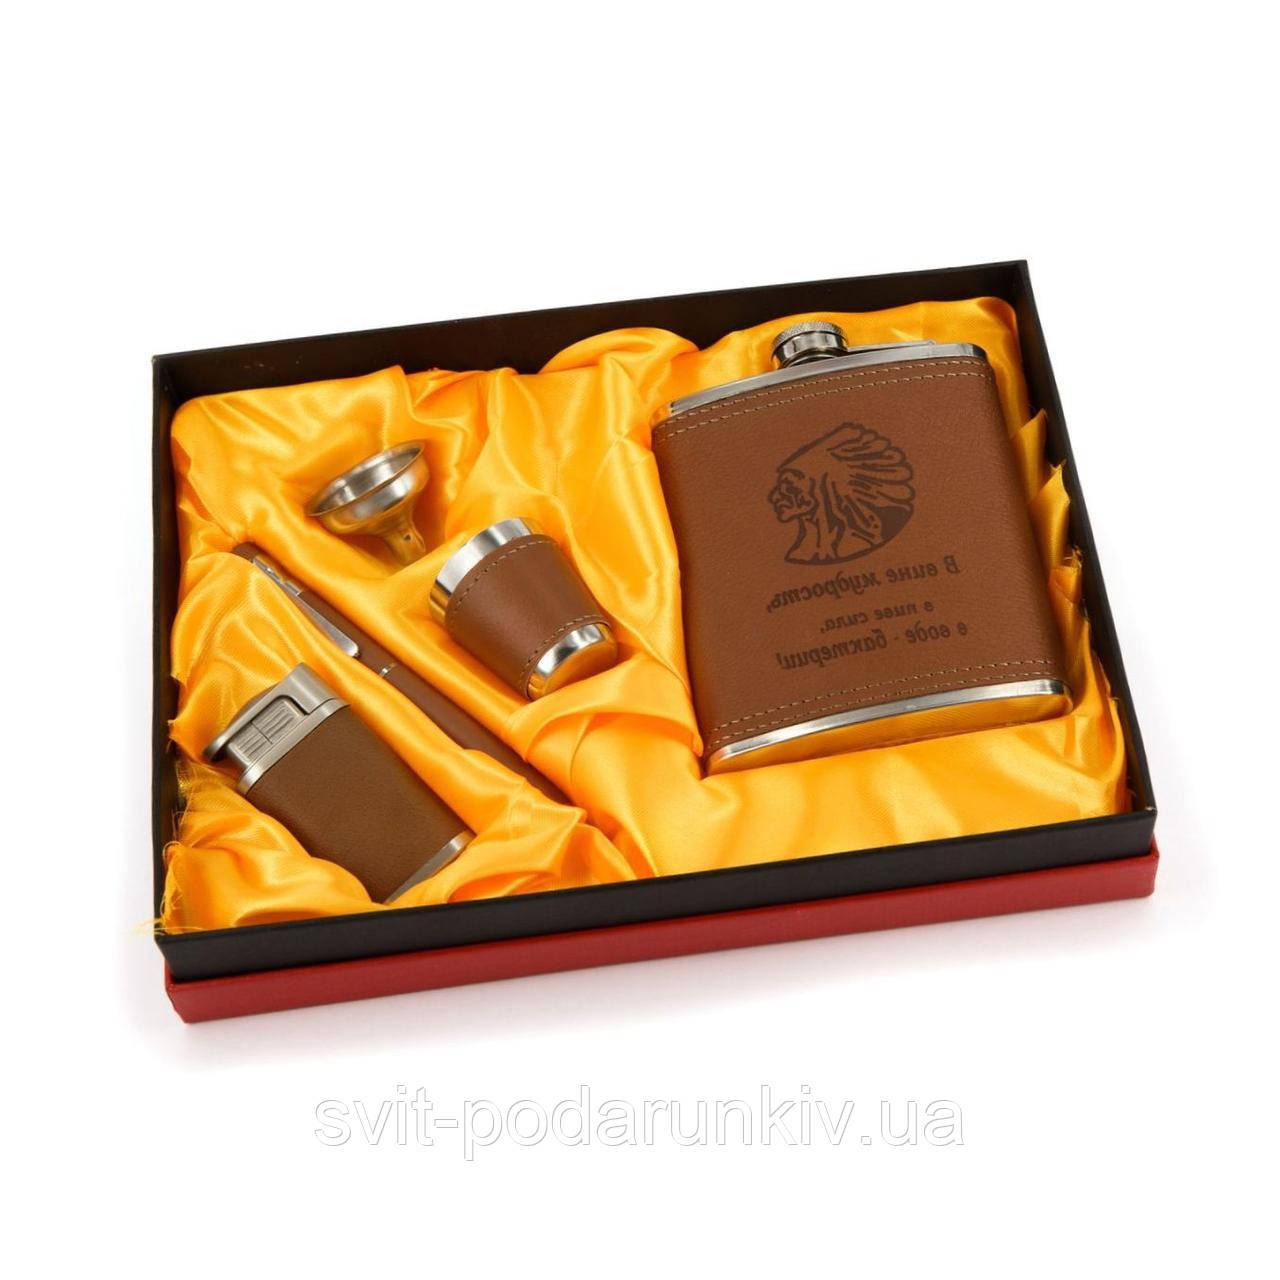 Подарункова фляга для алкоголю ручка воронка склянку запальничка AS103